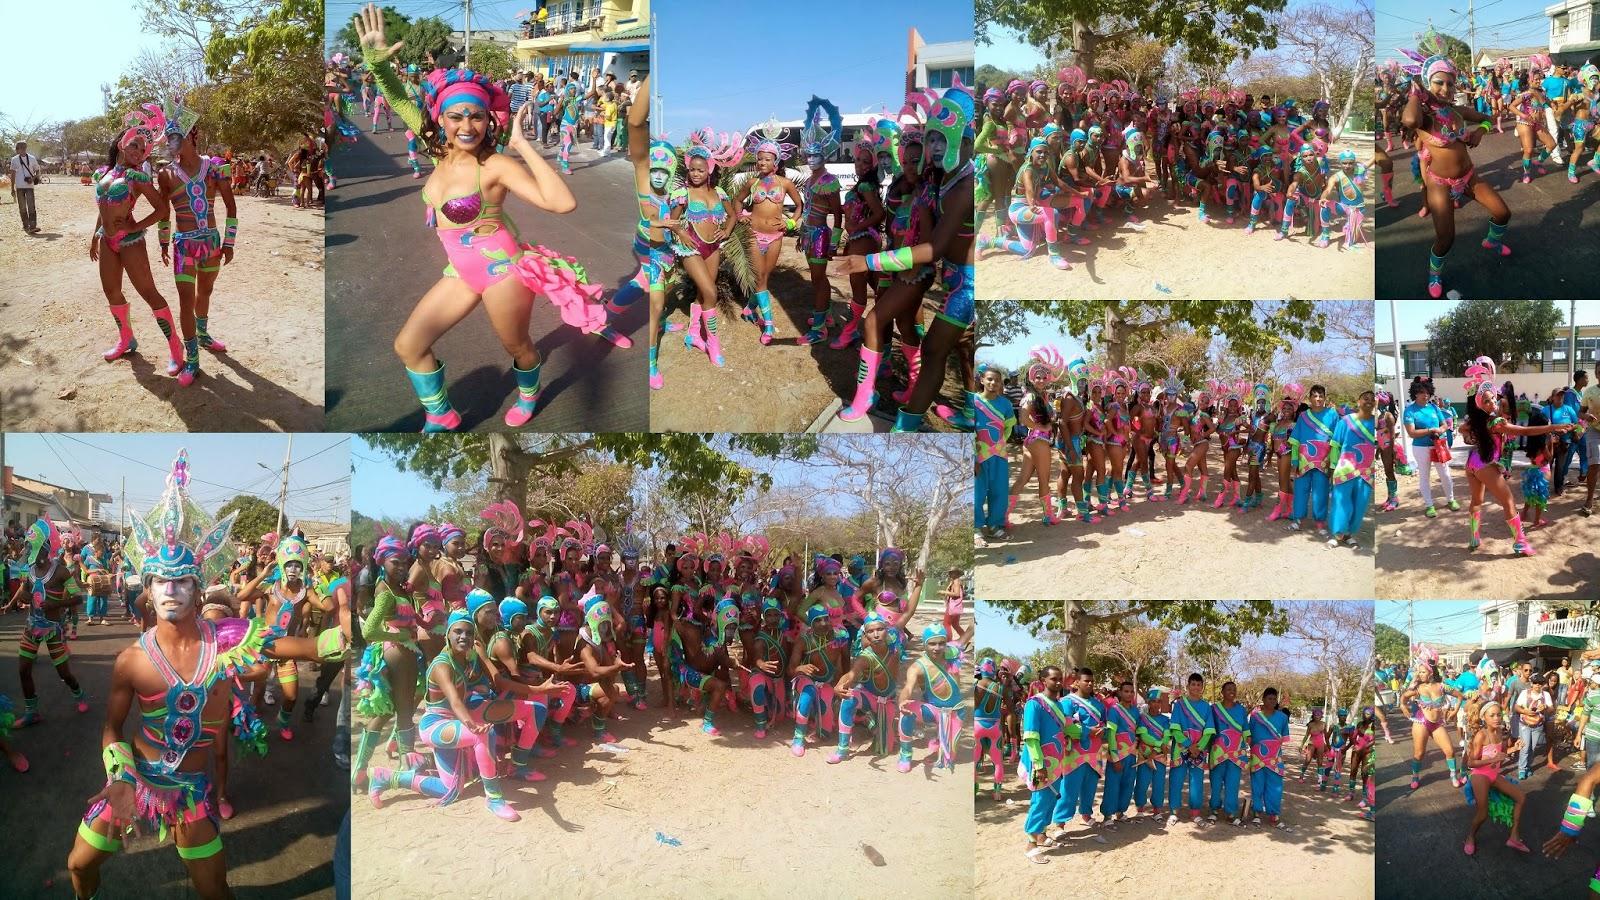 Danzas participantes en el Carnaval de Barranquilla. www.docenteinem.org